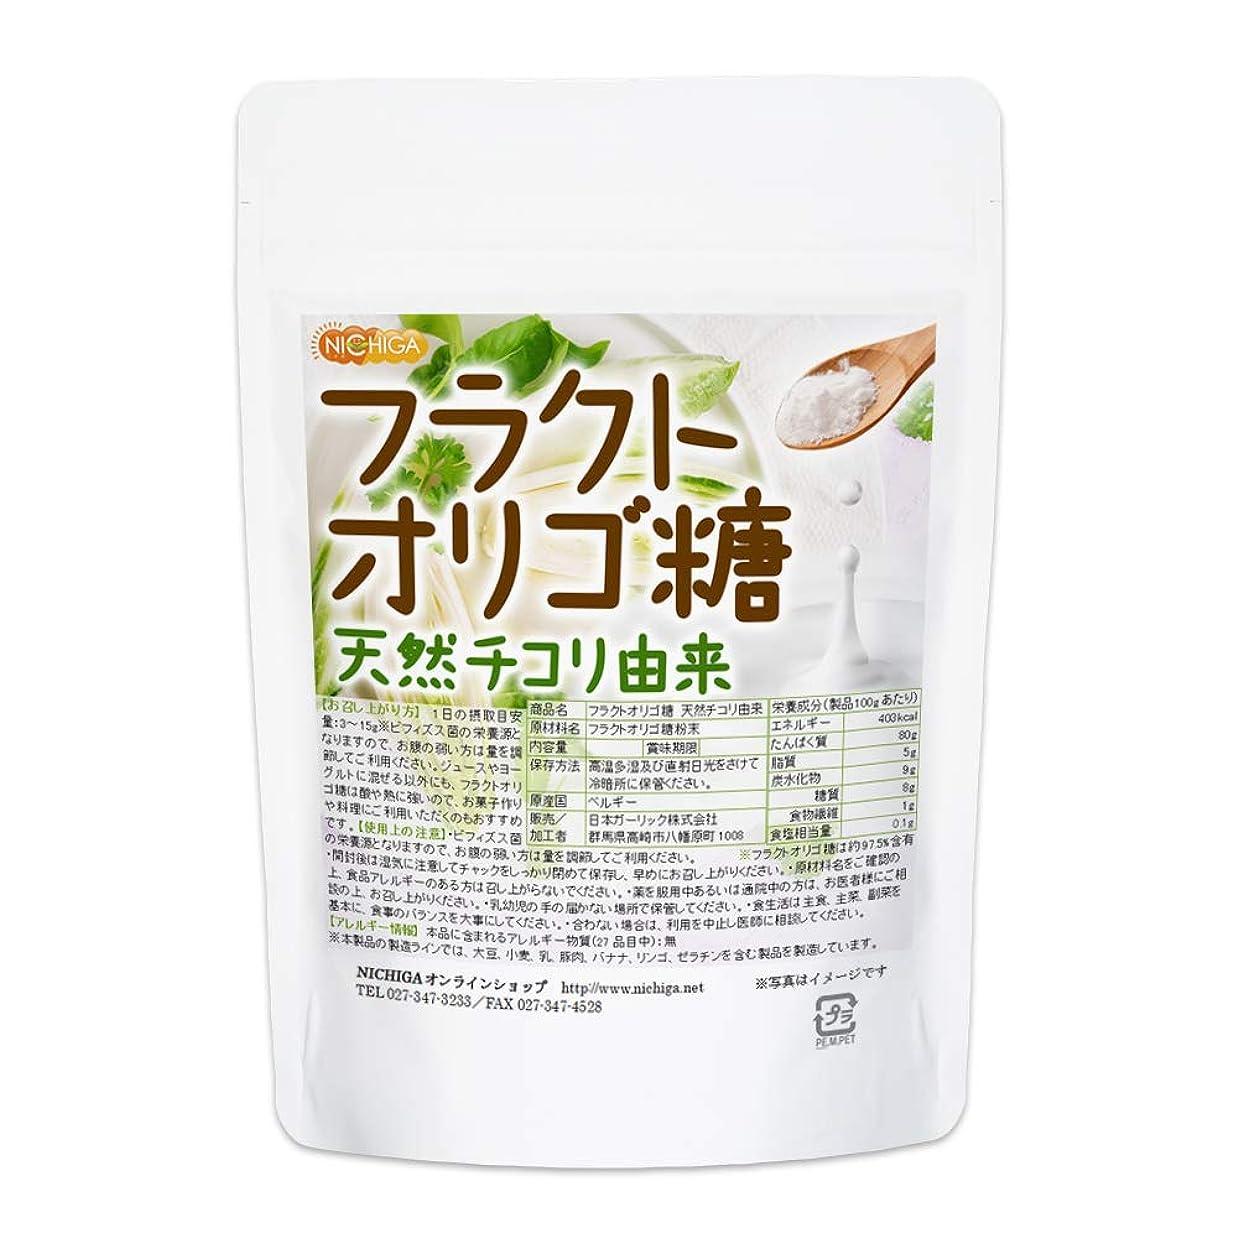 インタフェースエレガント偉業フラクトオリゴ糖 200g 天然 チコリ由来 [01] NICHIGA(ニチガ)